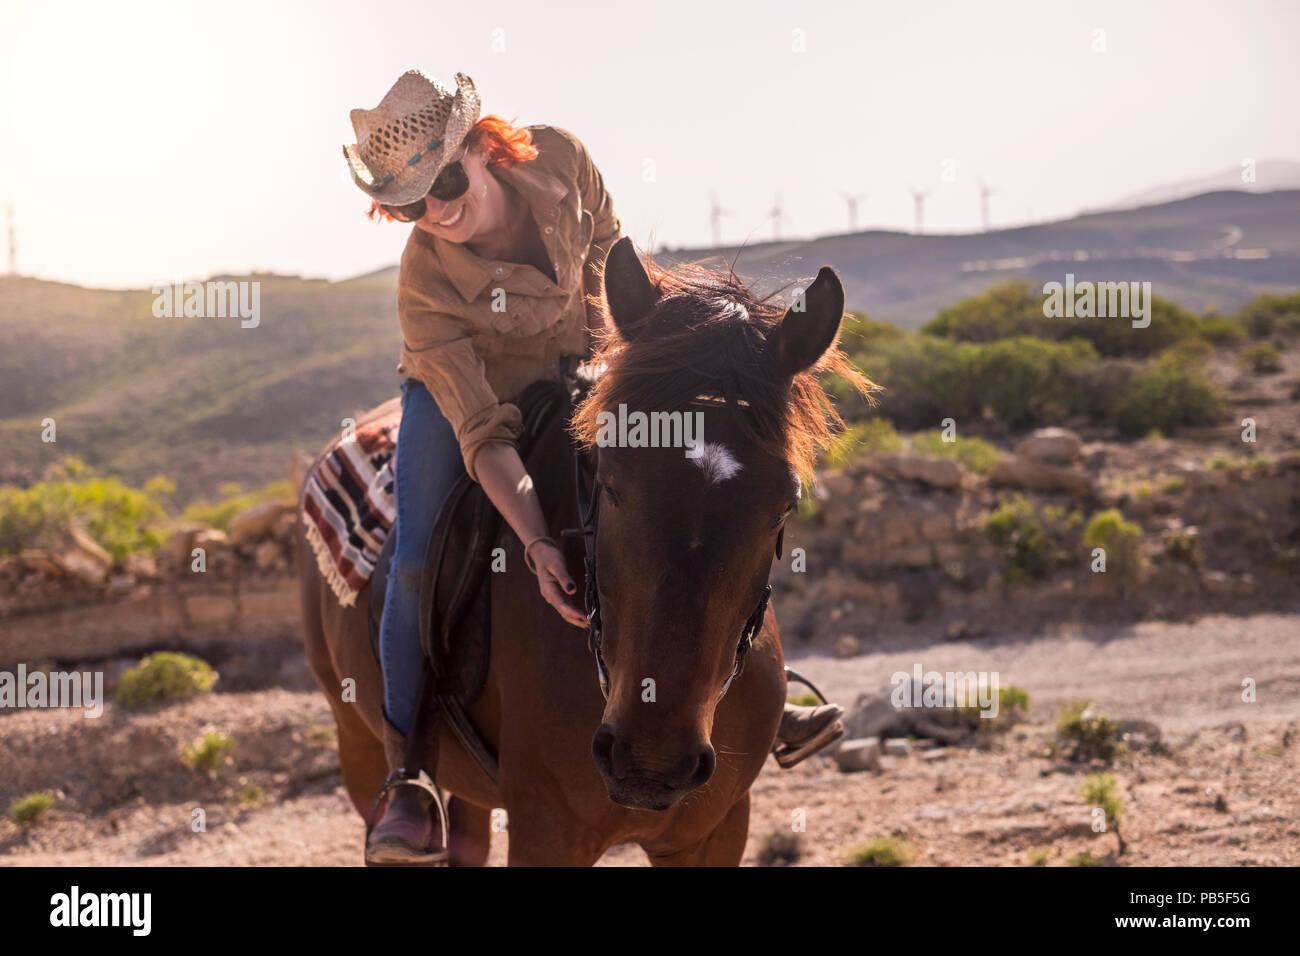 Cheveux Rouges joyeuse dame monter un beau cheval brun dans l'amitié et profiter de la journée ensemble. relation et la zoothérapie. bonne vie et joie Photo Stock